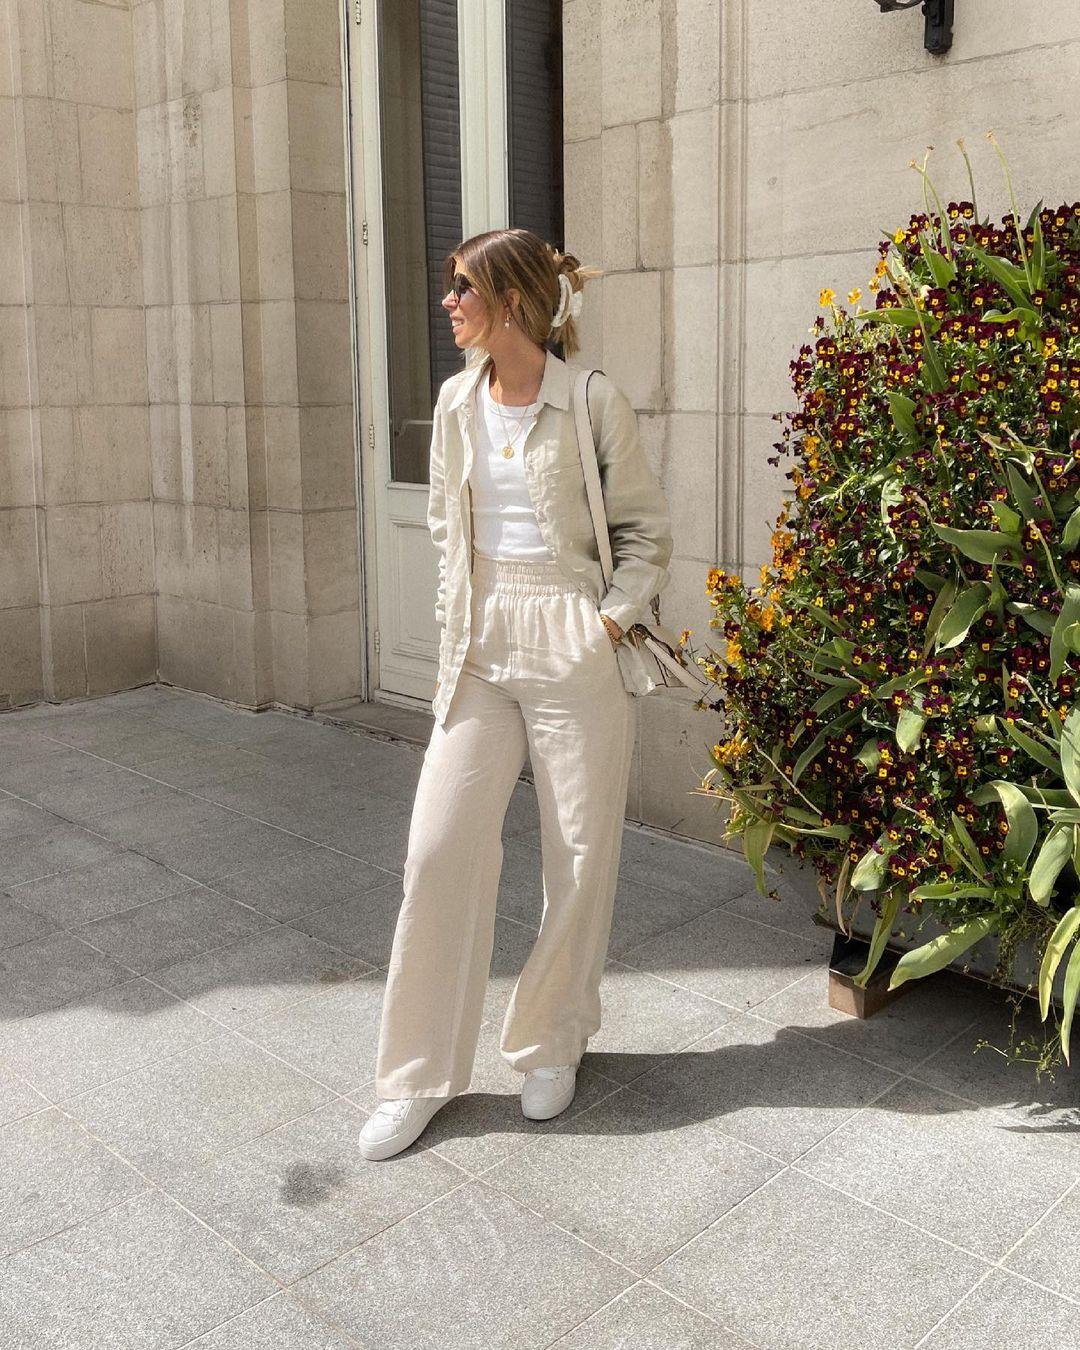 h&m+ pantalon large en satin de H&M sur nooomsworld